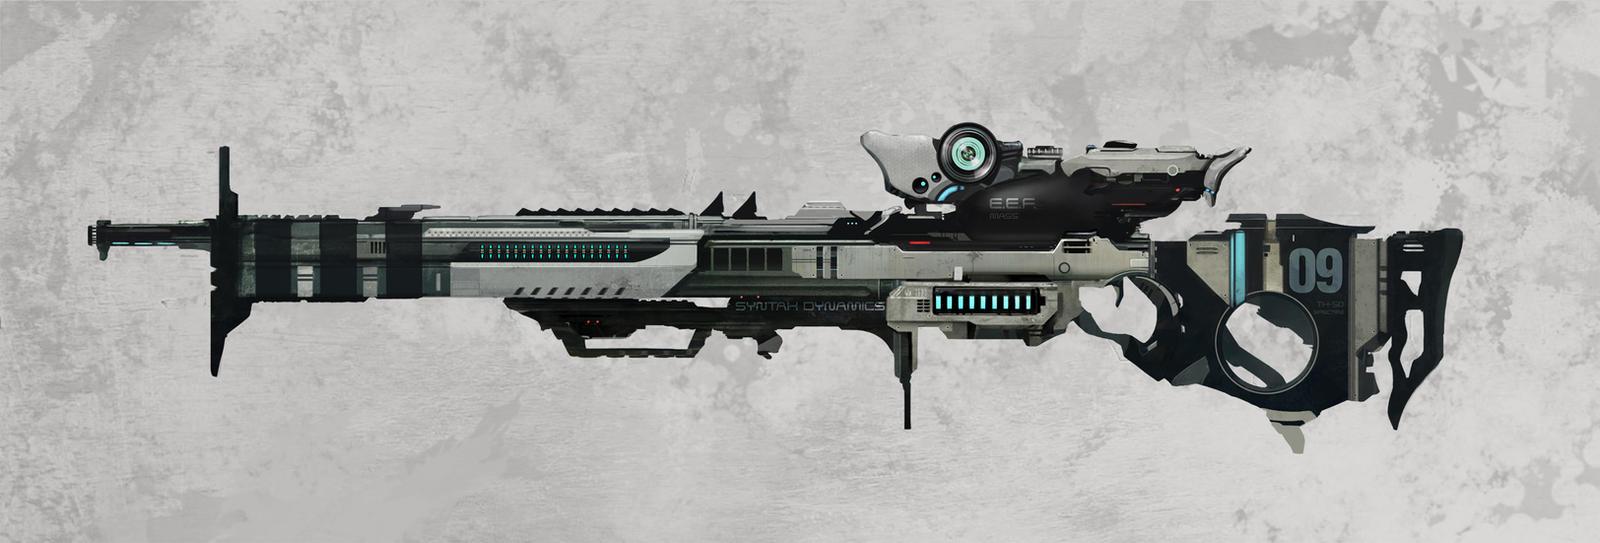 TH-50 SPECTRE Sniper Rifle